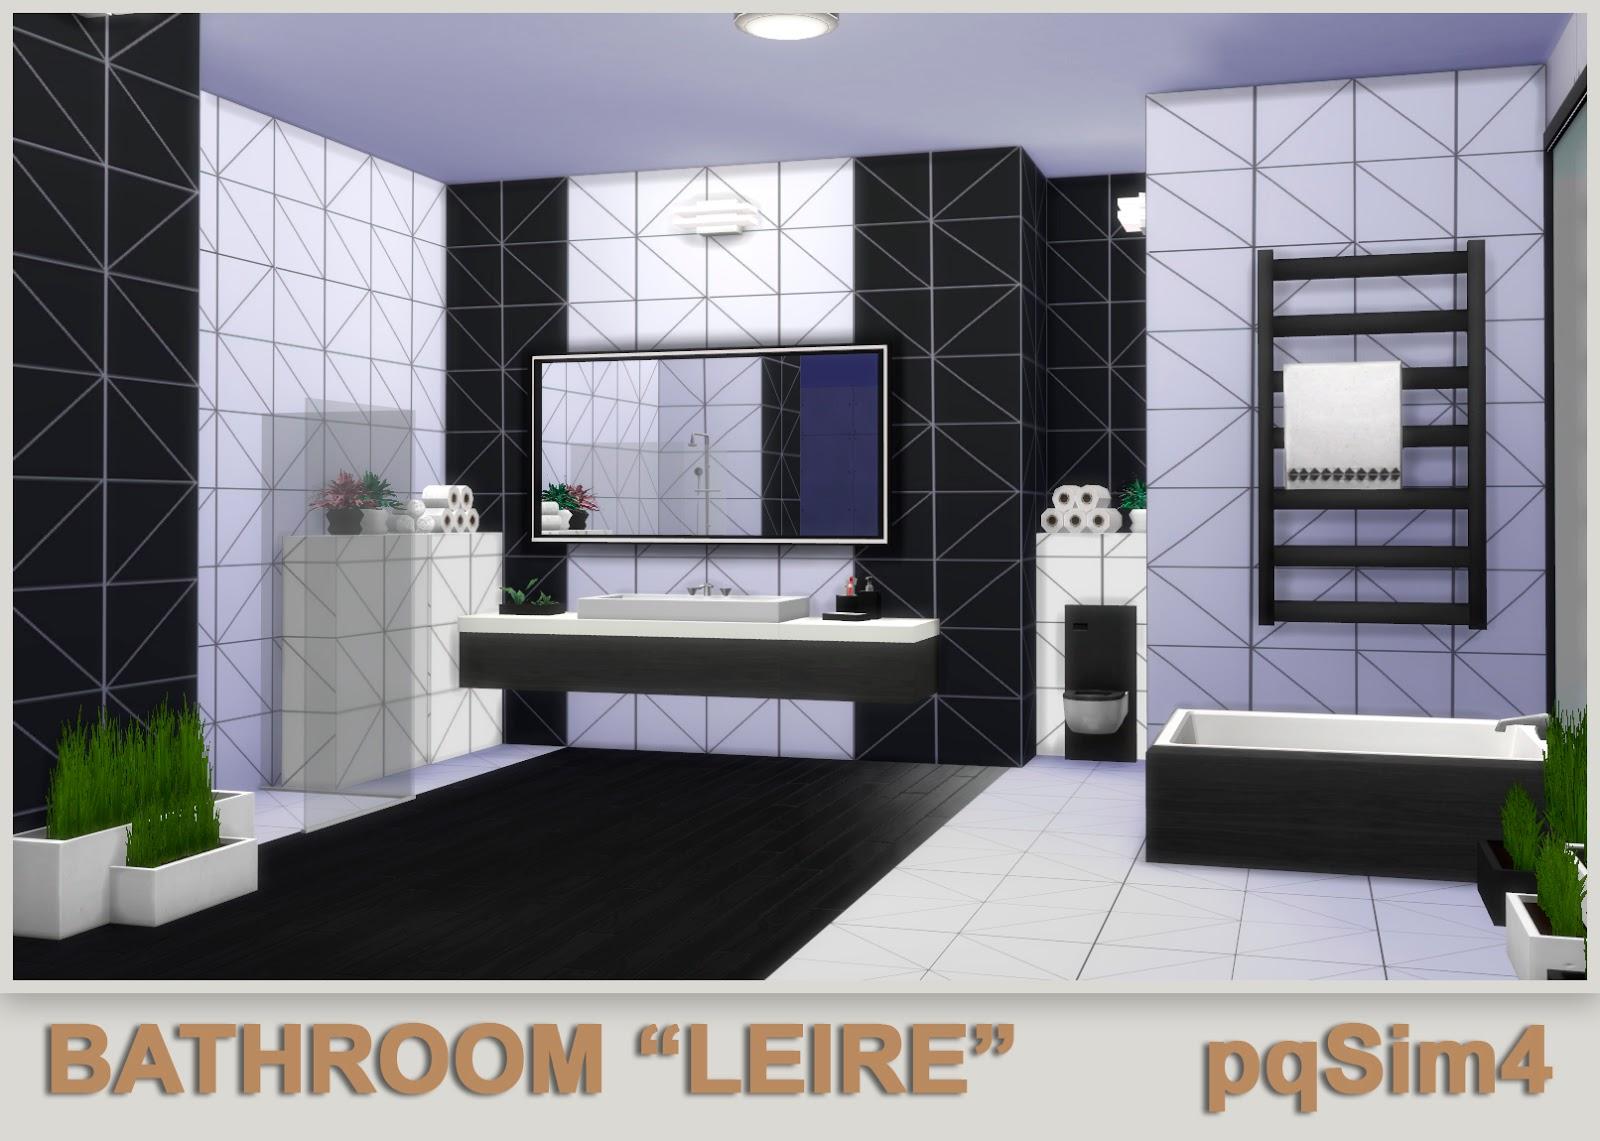 Bathroom leire sims 4 custom content for Bathroom ideas sims 4